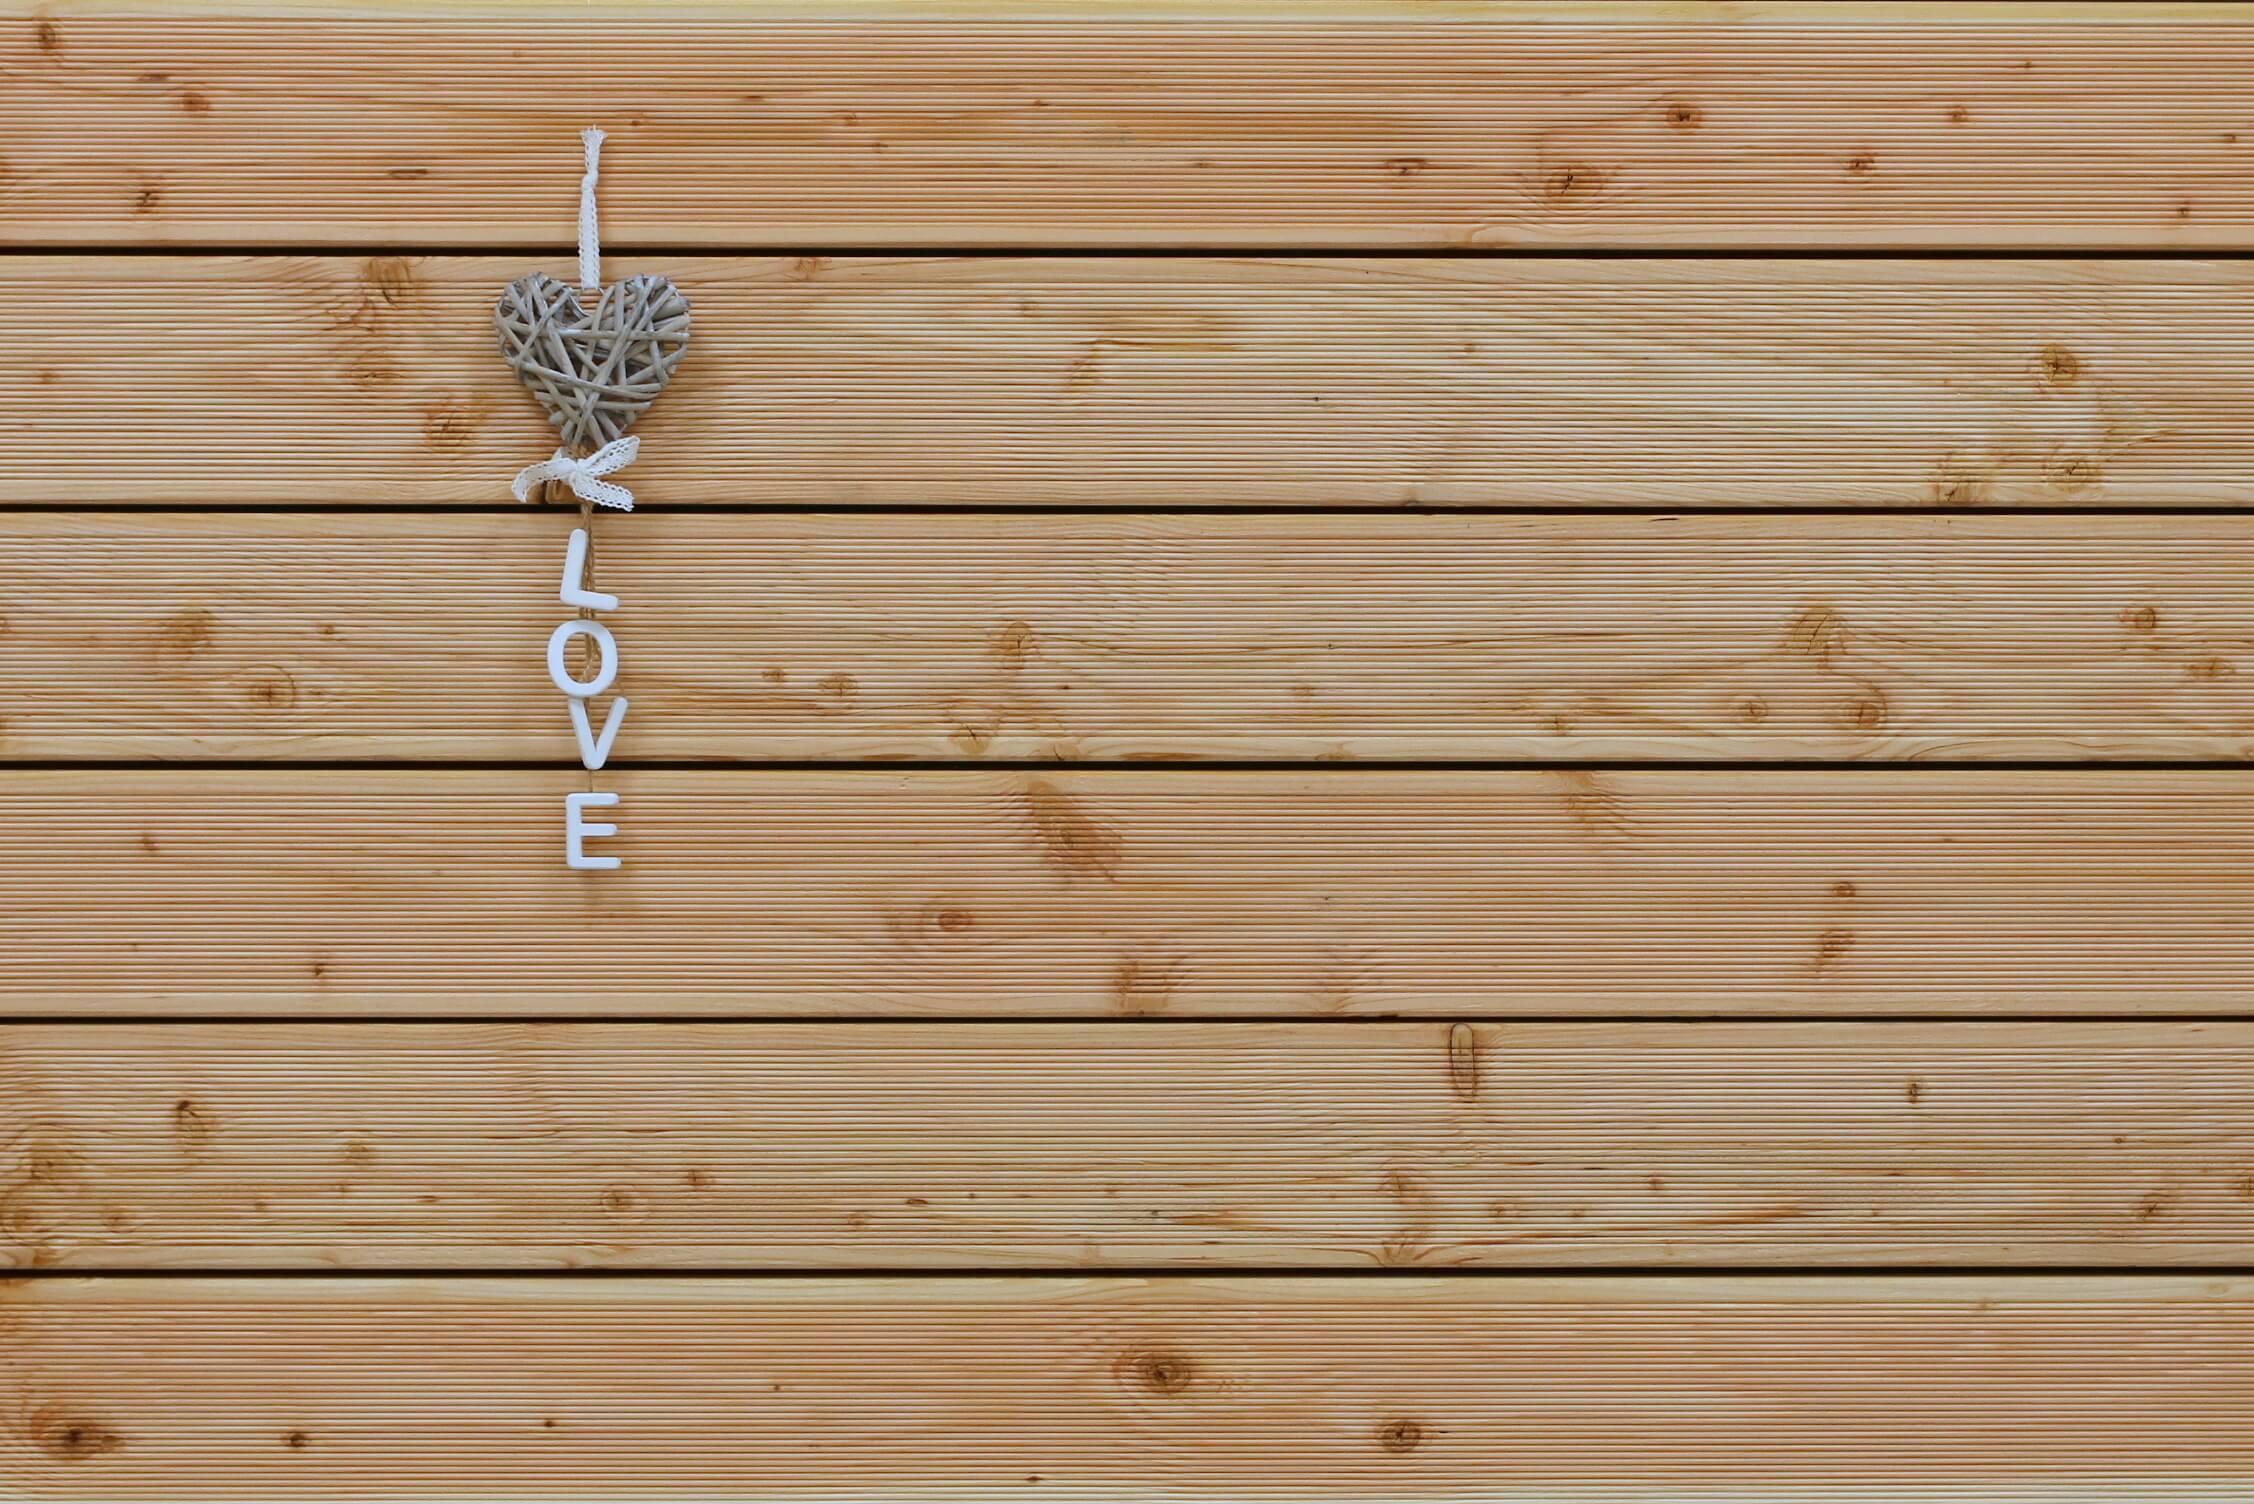 Douglasie Terrassendielen, fein gerillt, 26 x 145 bis 5000 mm für 5,95 €/lfm, Holz für die Terrasse